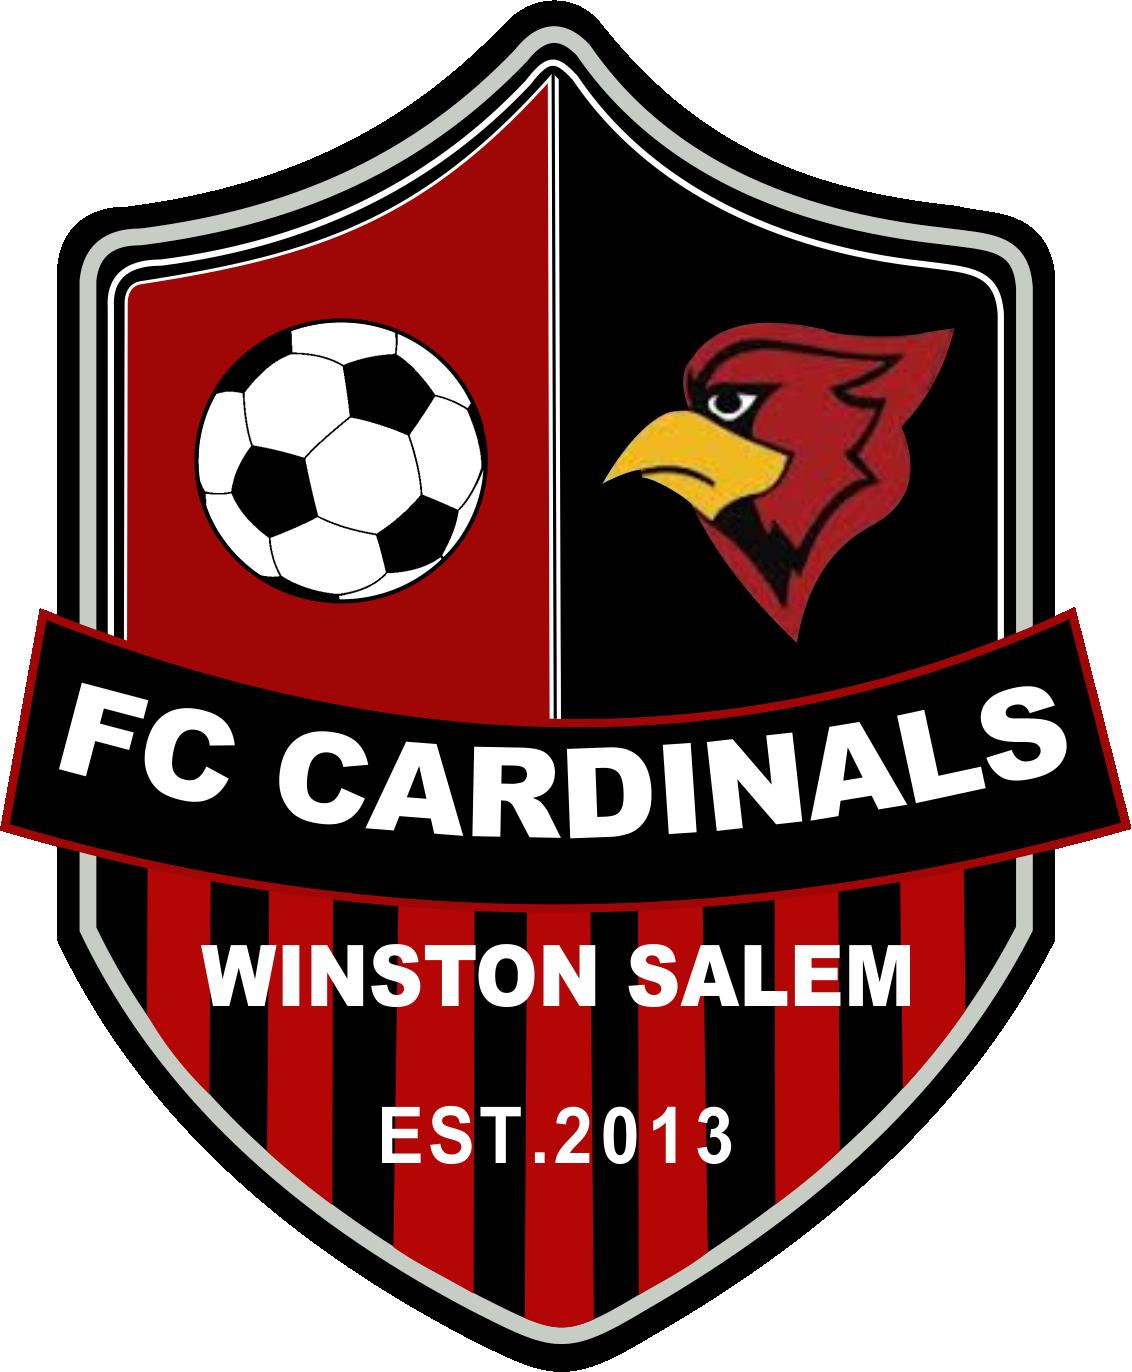 FC Cardinals Winston Salem